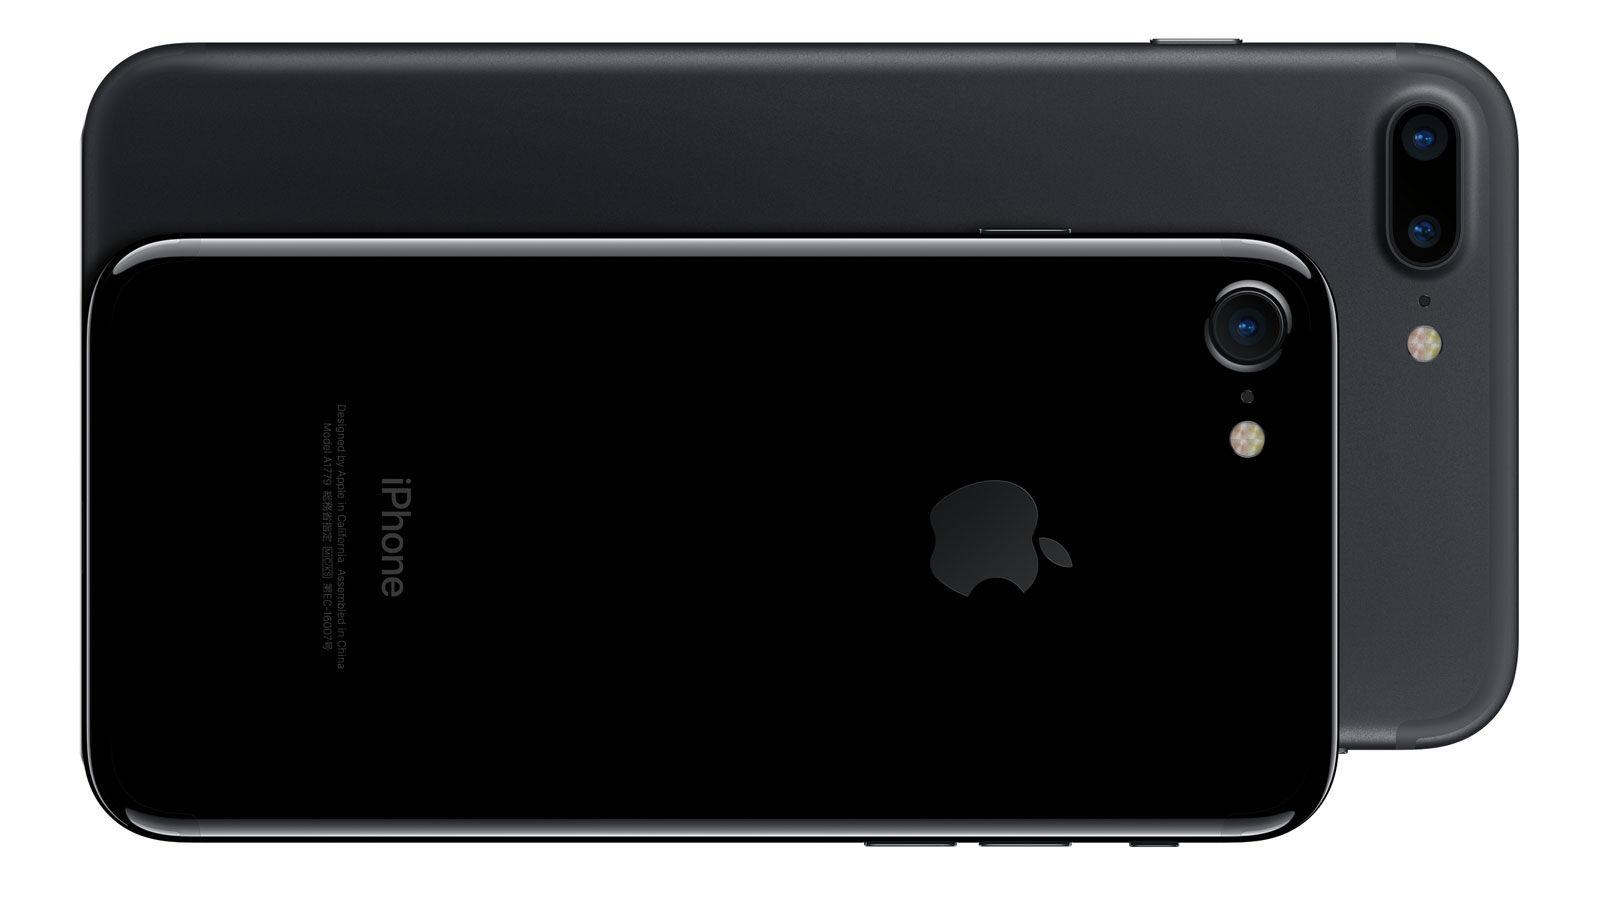 iphone 7 plus - Buôn lậu iPhone bằng cách cuốn hàng chục máy quanh người như... áo giáp